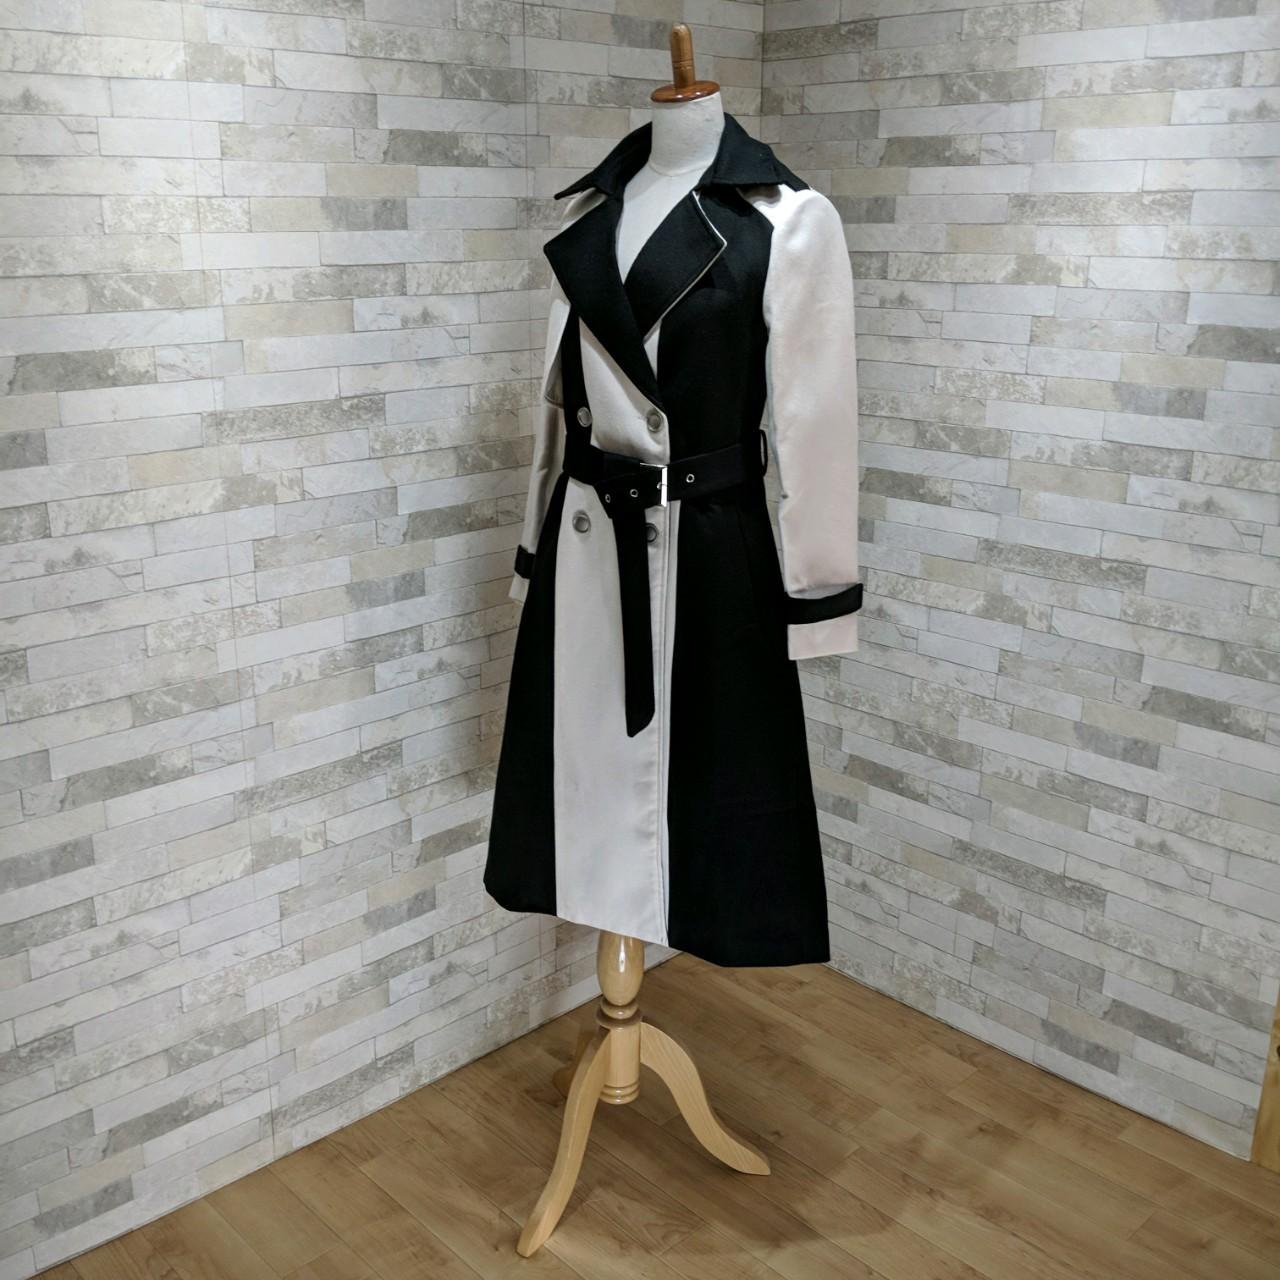 【即納】韓国 ファッション アウター コート 秋 冬 パーティー ブライダル SPTXG918  ミリタリー調 バイカラー アシンメトリー 二次会 セレブ きれいめの写真7枚目